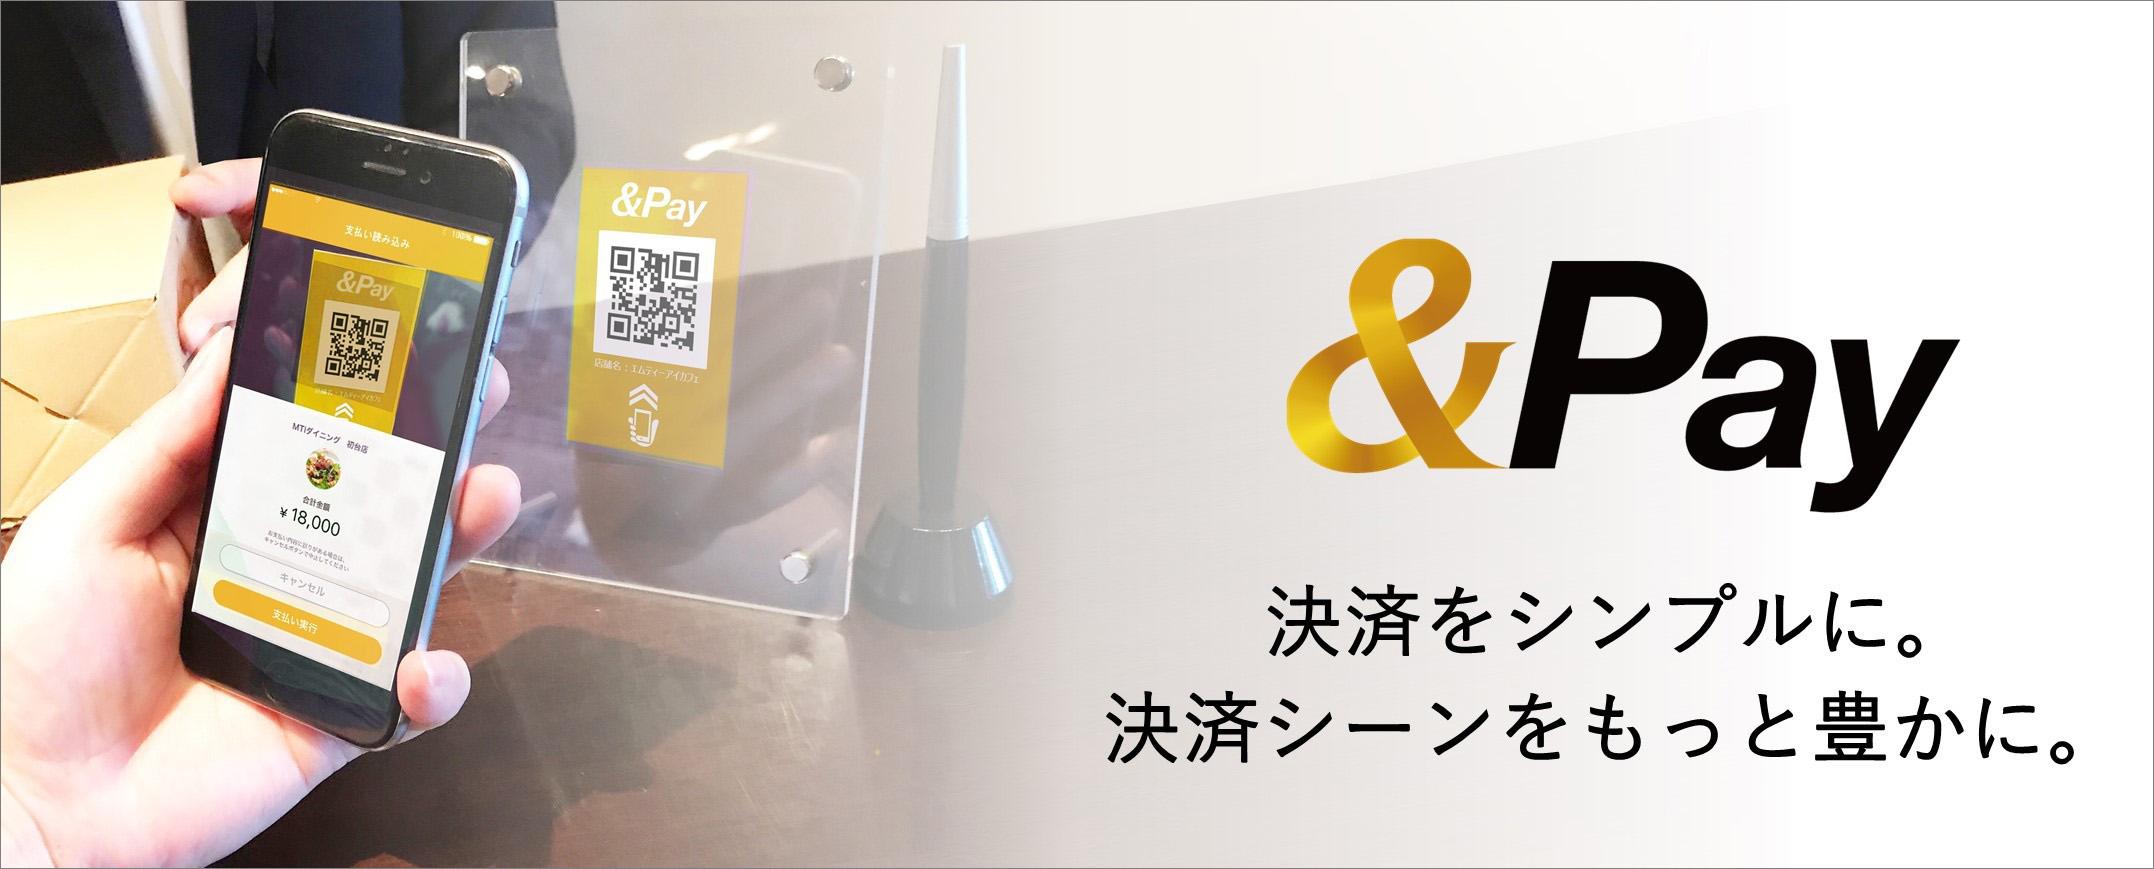 常陽銀行 コード